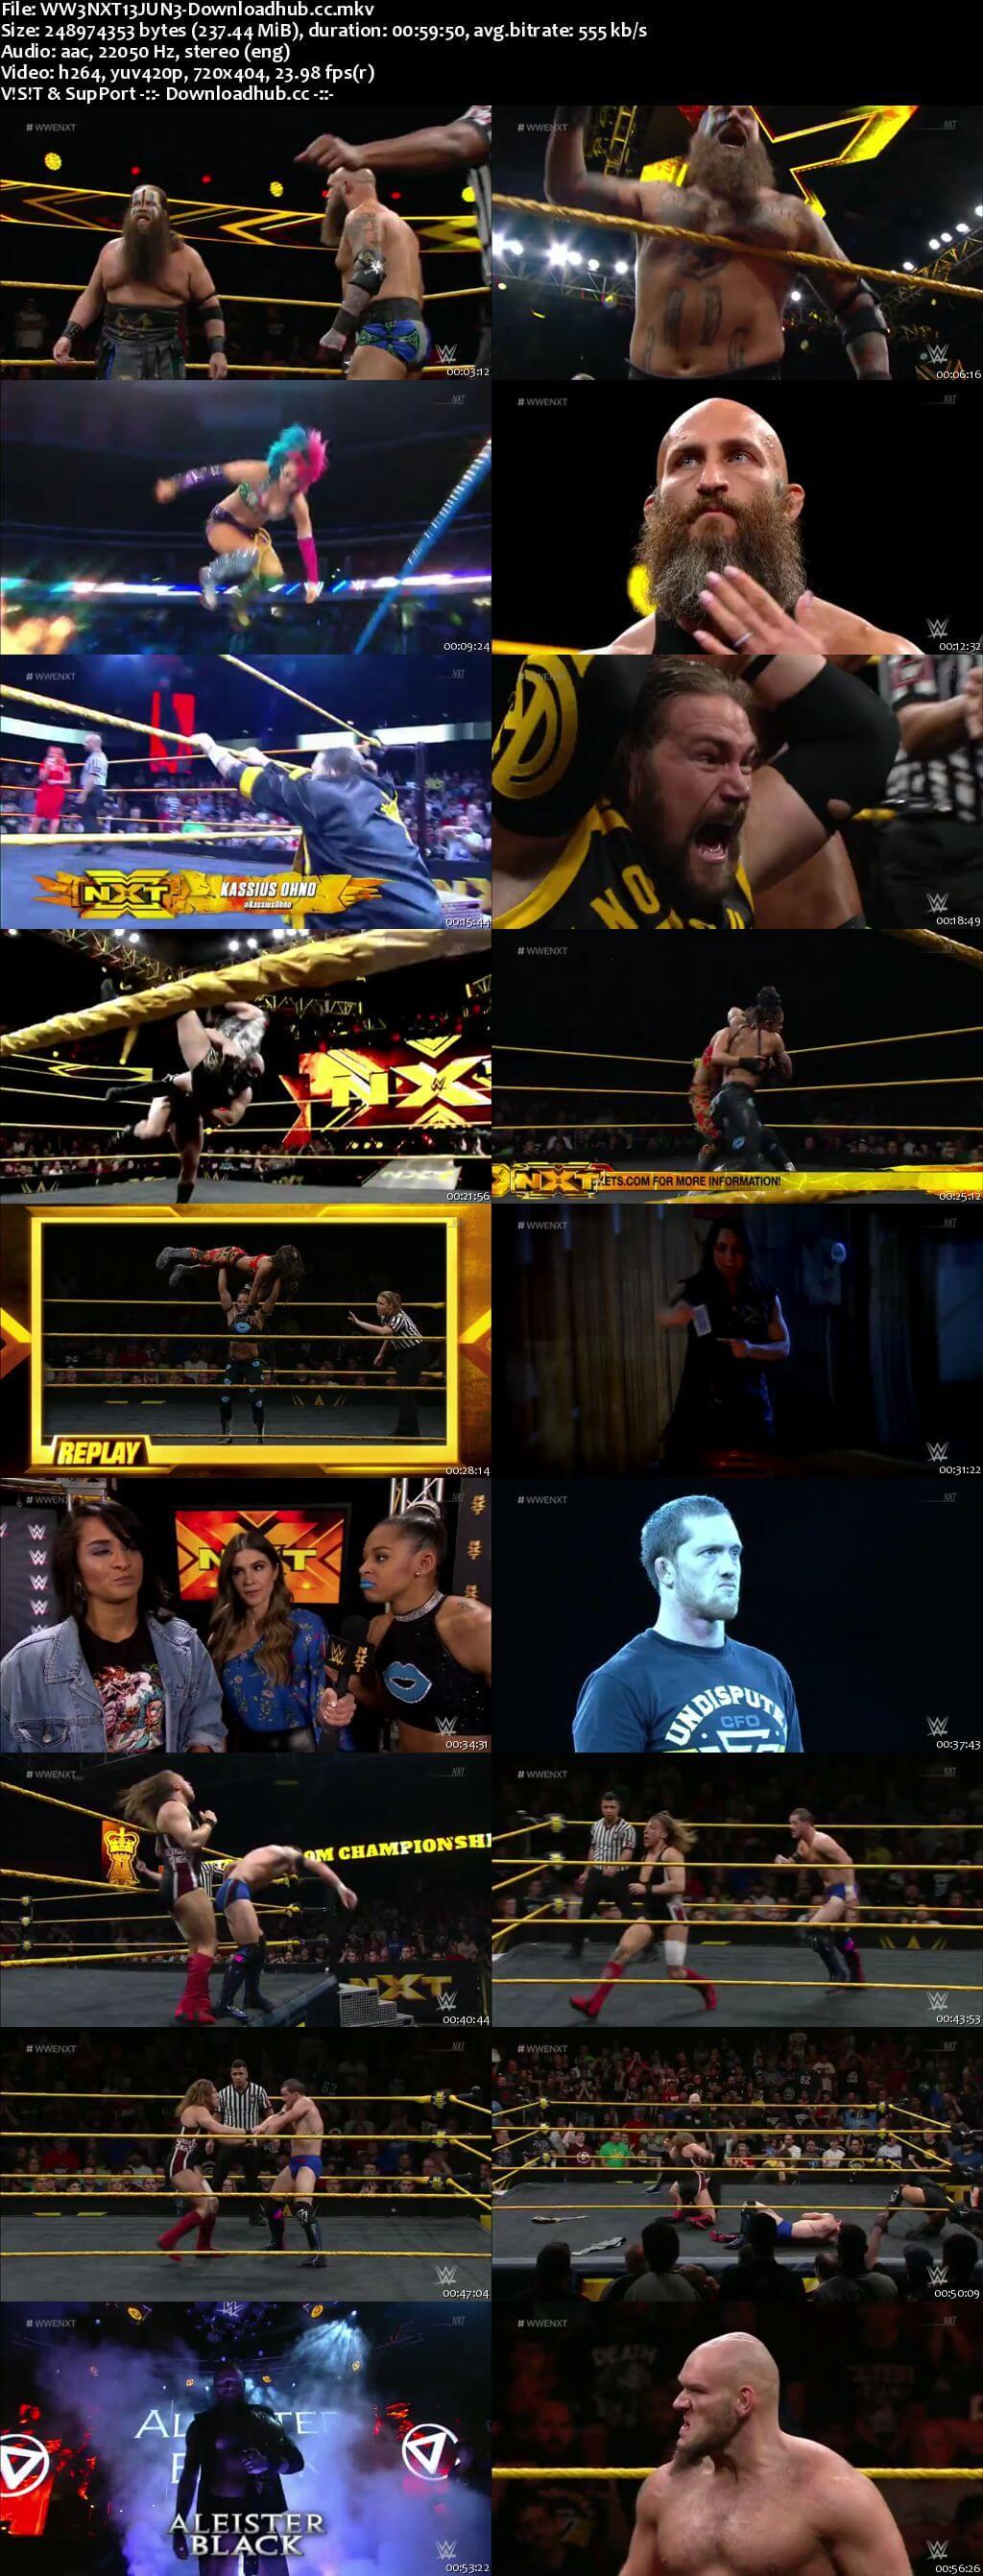 WWE NXT 13 June 2018 480p HDTV Download